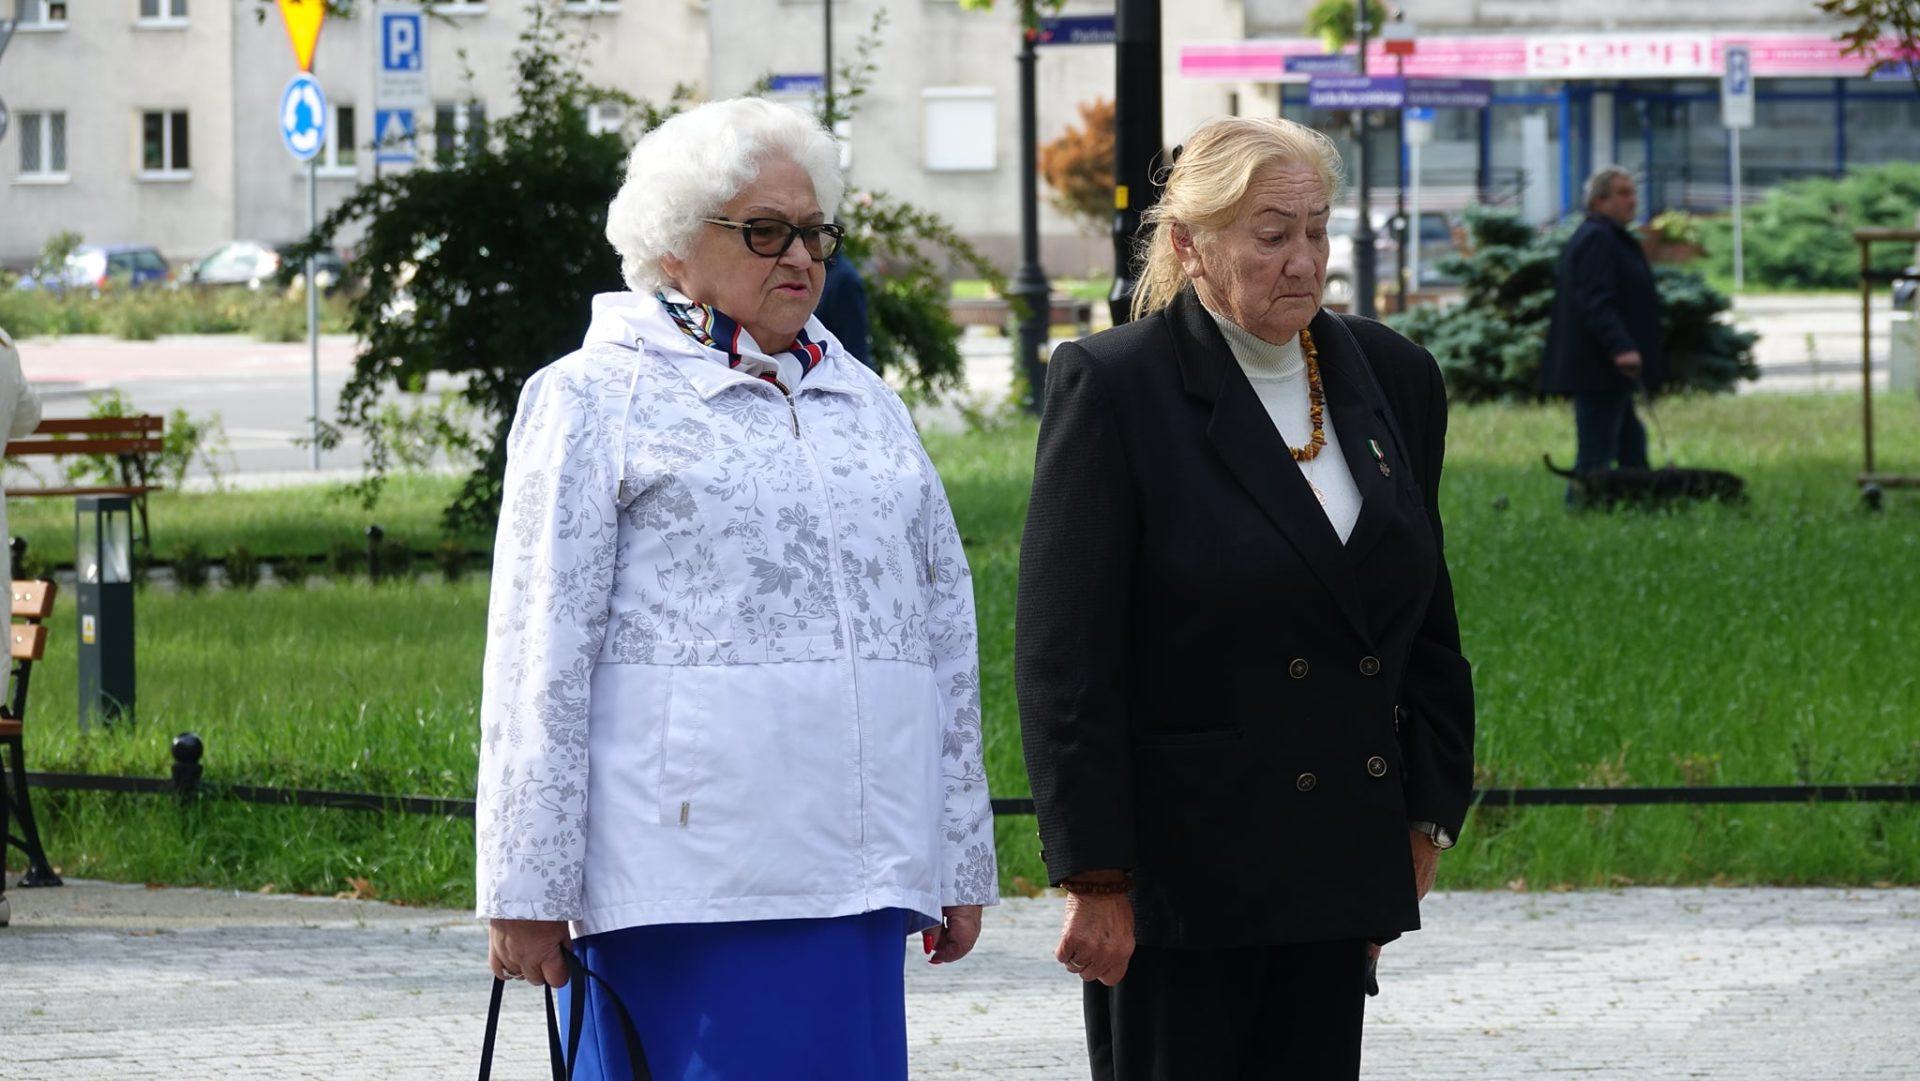 Samorzdowcy oddali hoBd ofiarom i bohaterem II Wojny Zwiatowej